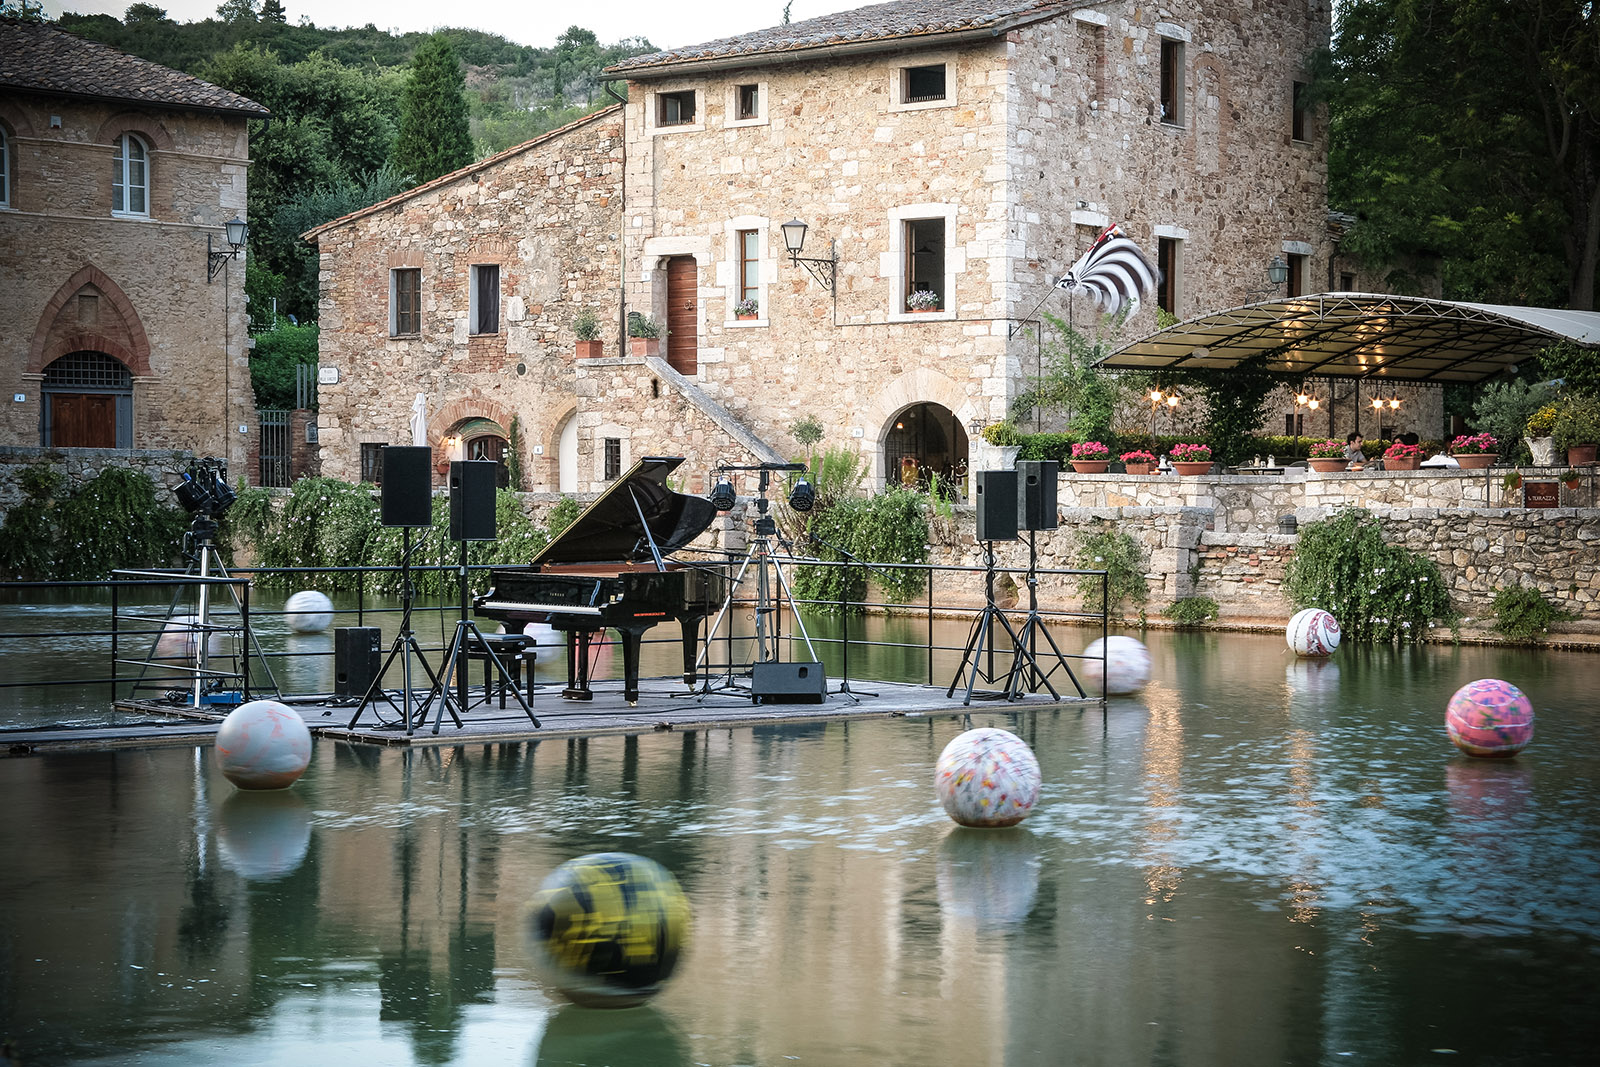 Concerto bagno vignoni cantina del giusto - Bagno vignoni terme libere ...